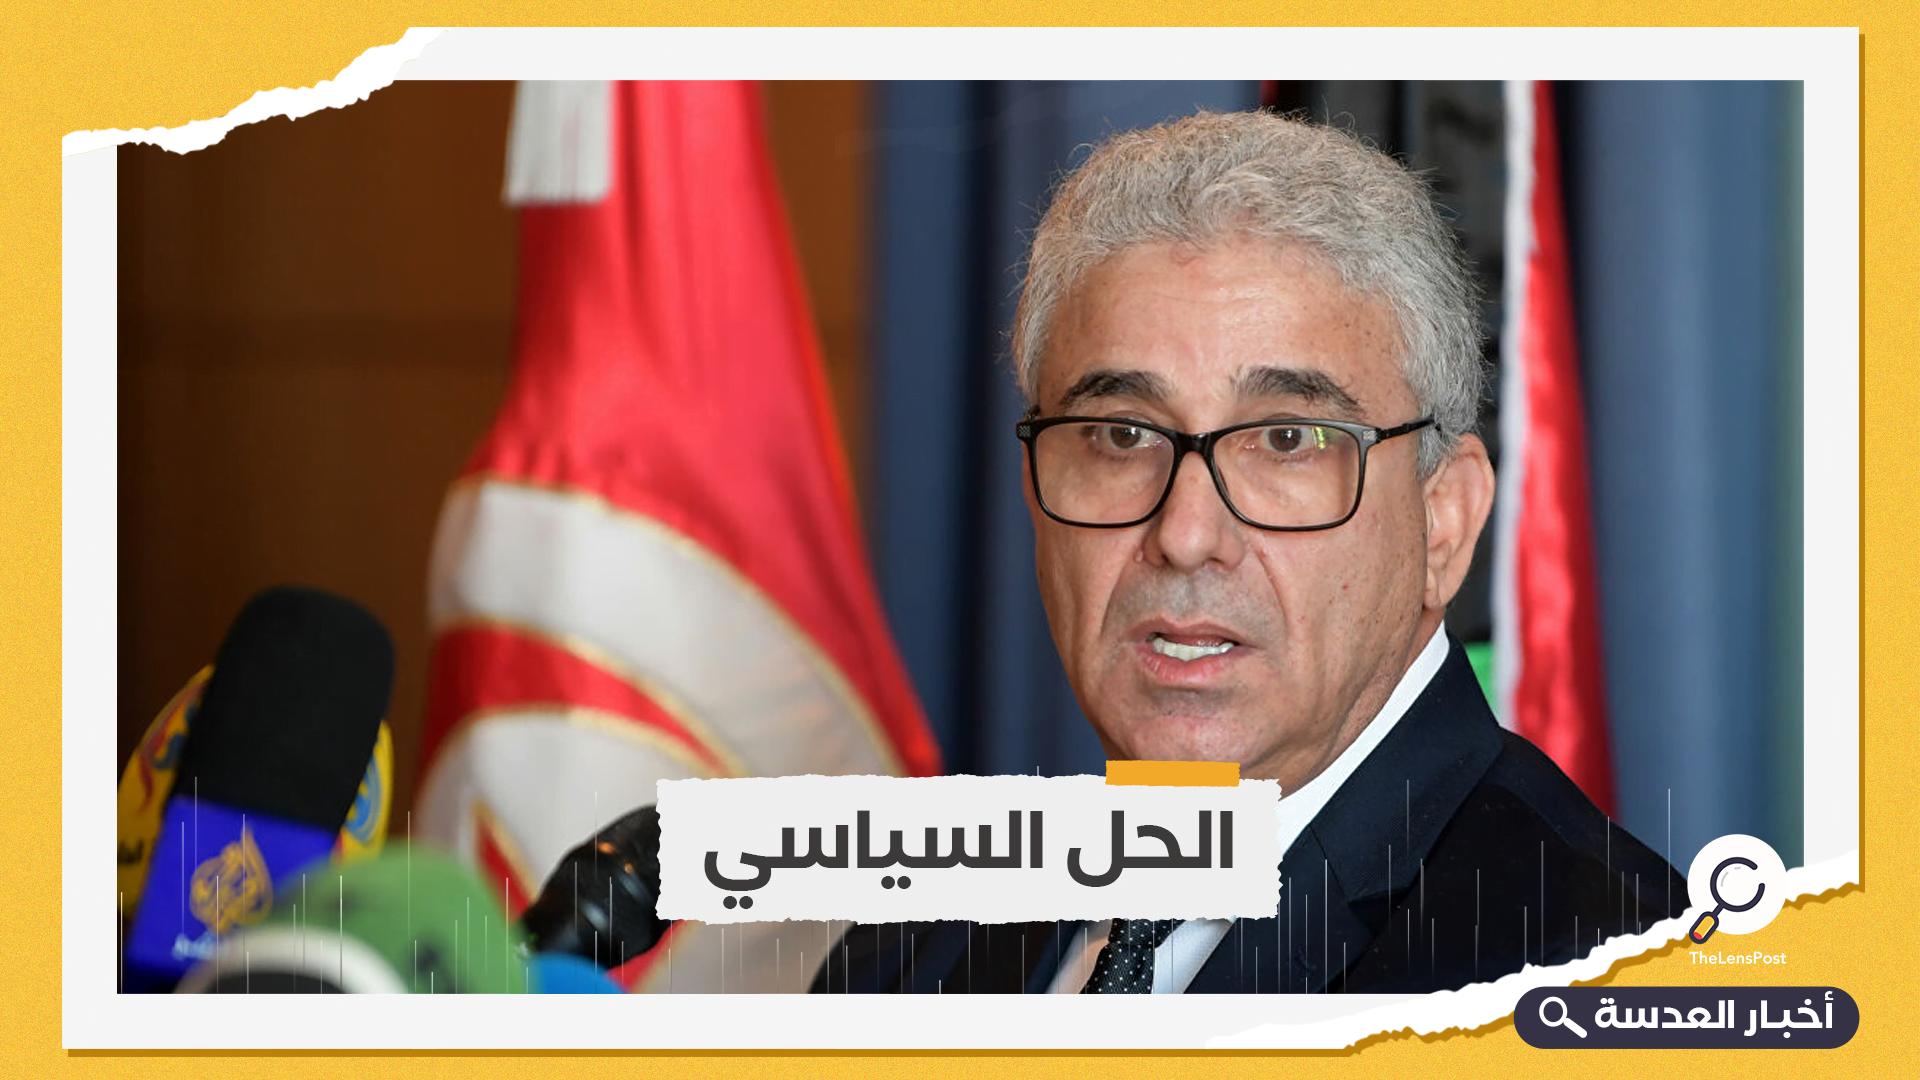 وزير الداخلية الليبي: حكومتنا مستعدة لتسليم السلطة للحكومة الجديدة فور تشكلها